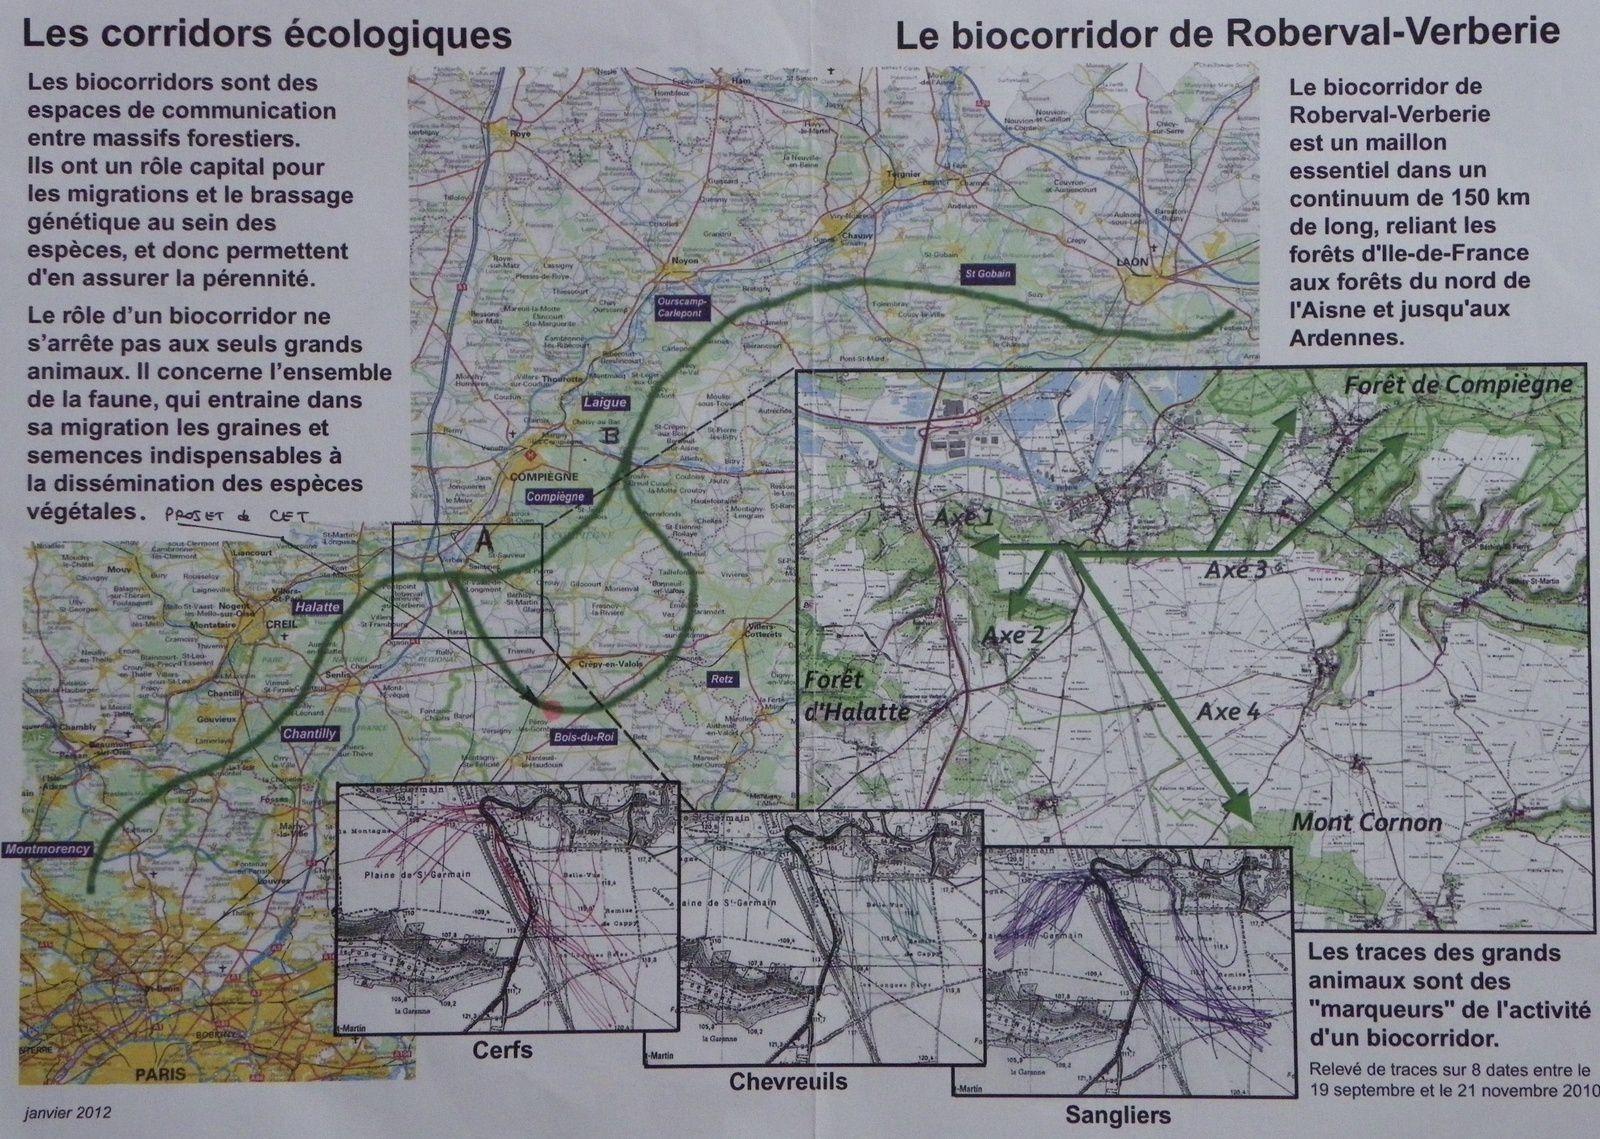 Les biocorridors dans le département de l'Oise